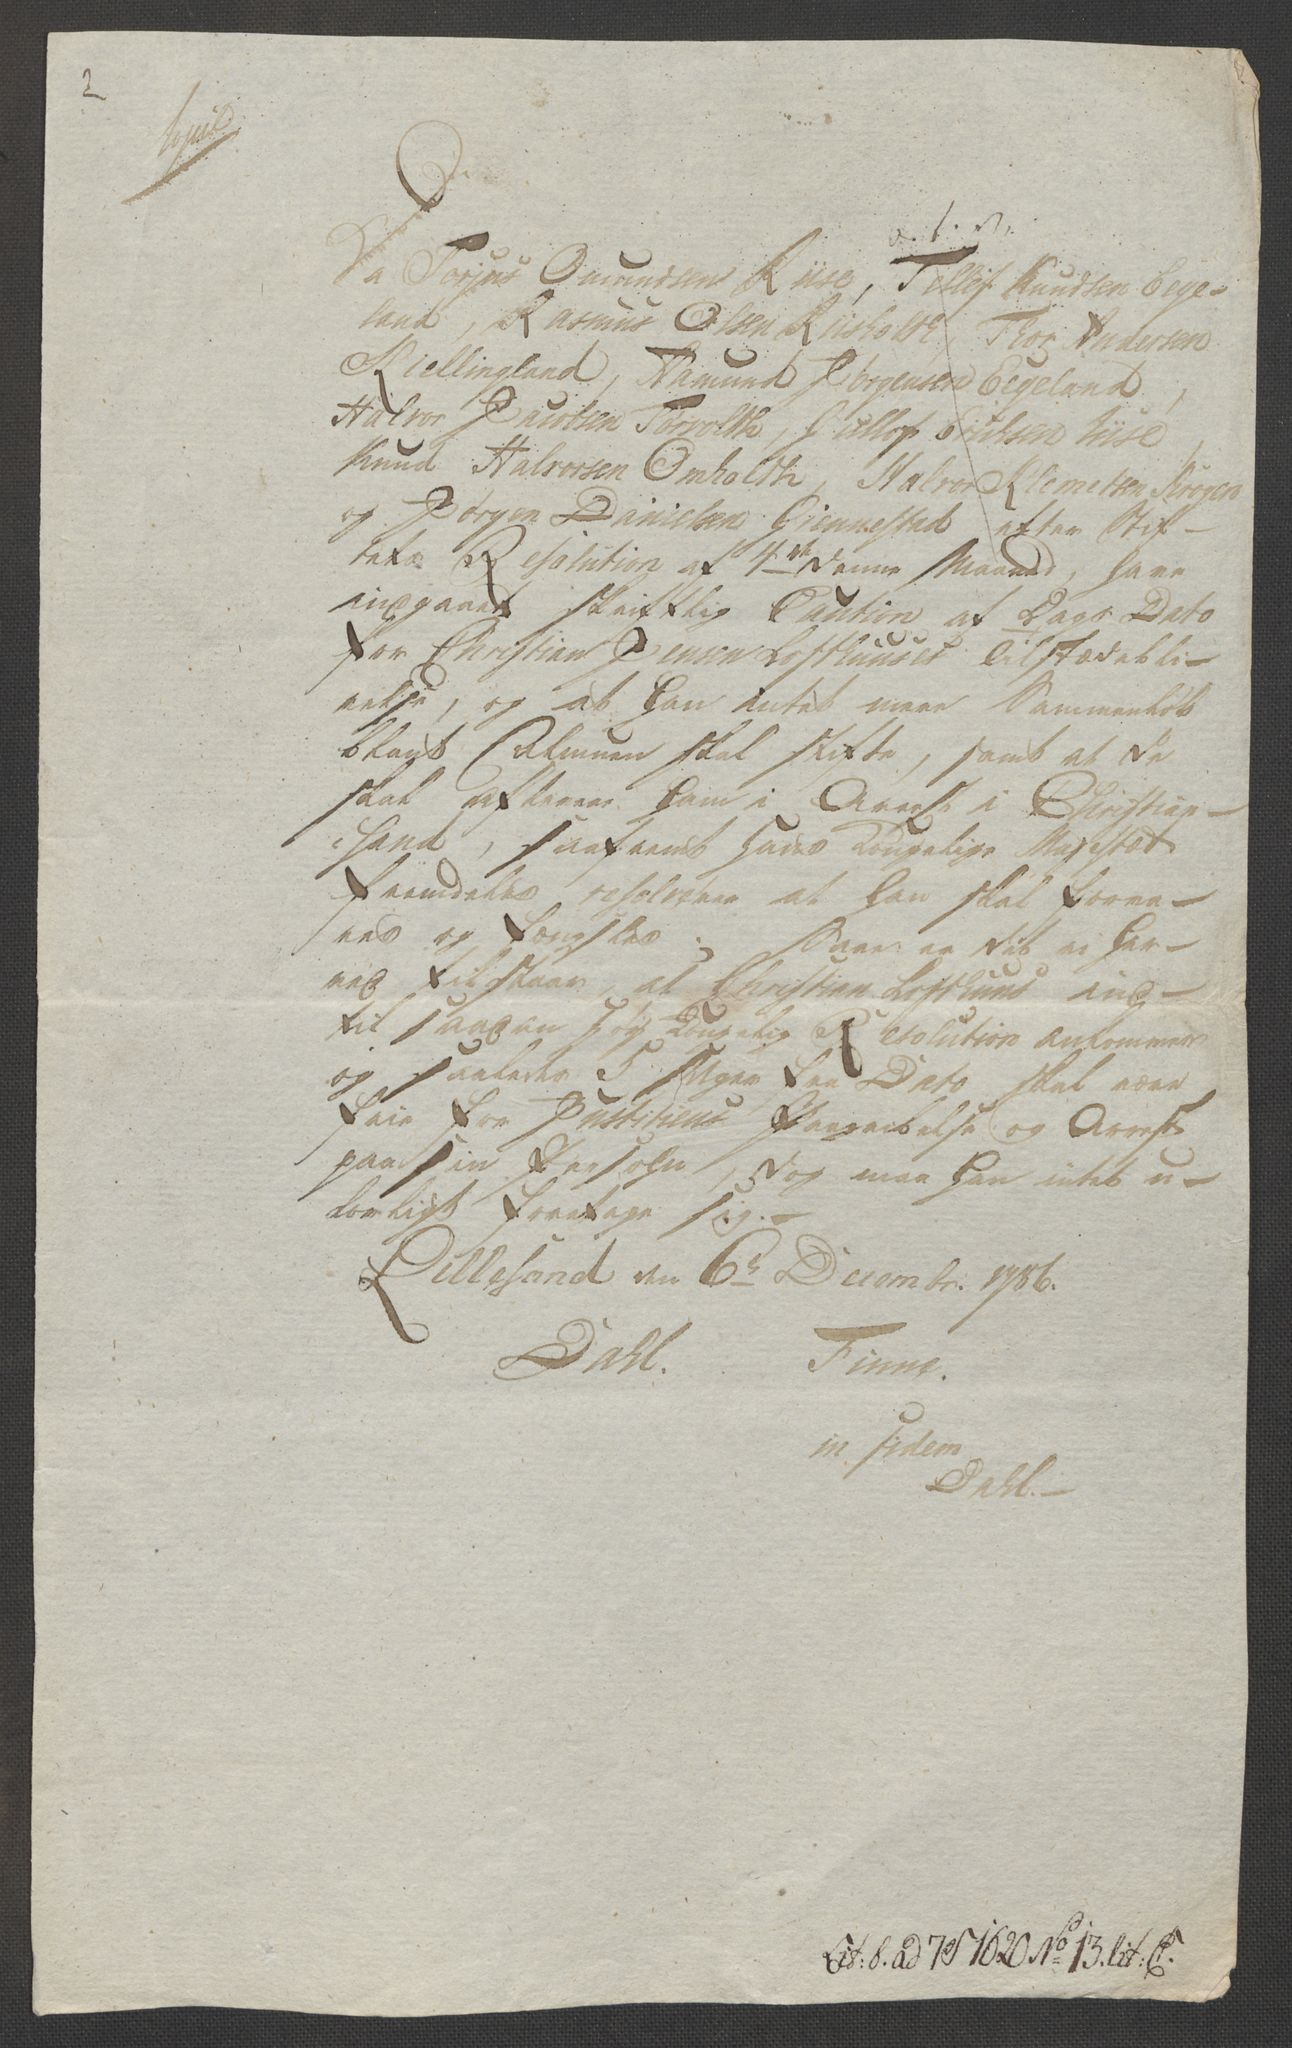 RA, Danske Kanselli, Skapsaker, F/L0095: Skap 16, pakke 7 I, 1785-1786, s. 245